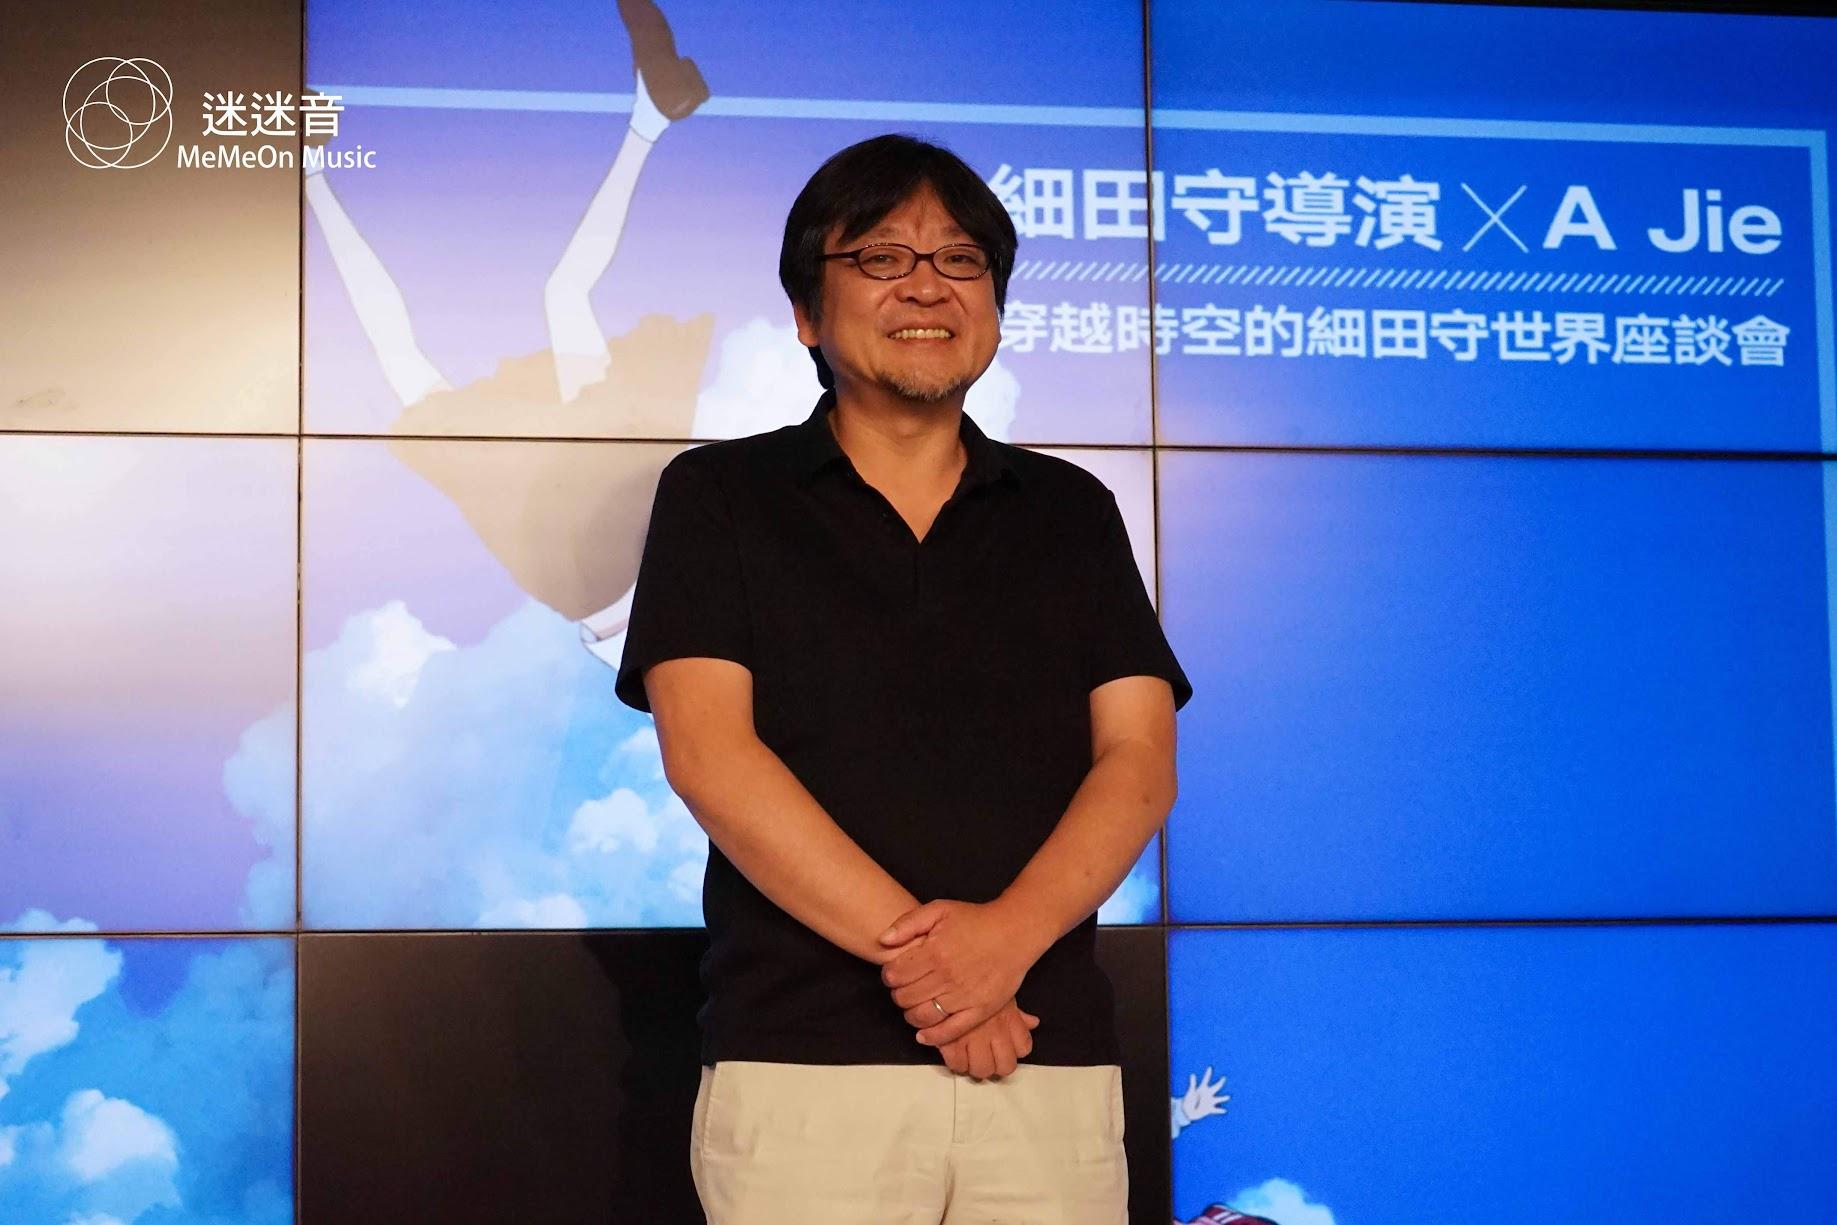 【迷迷訪問】 詳細報導 細田守 現身漫博談《未來的未來》 爆料下一步電影「我已經醞釀三十年了!」